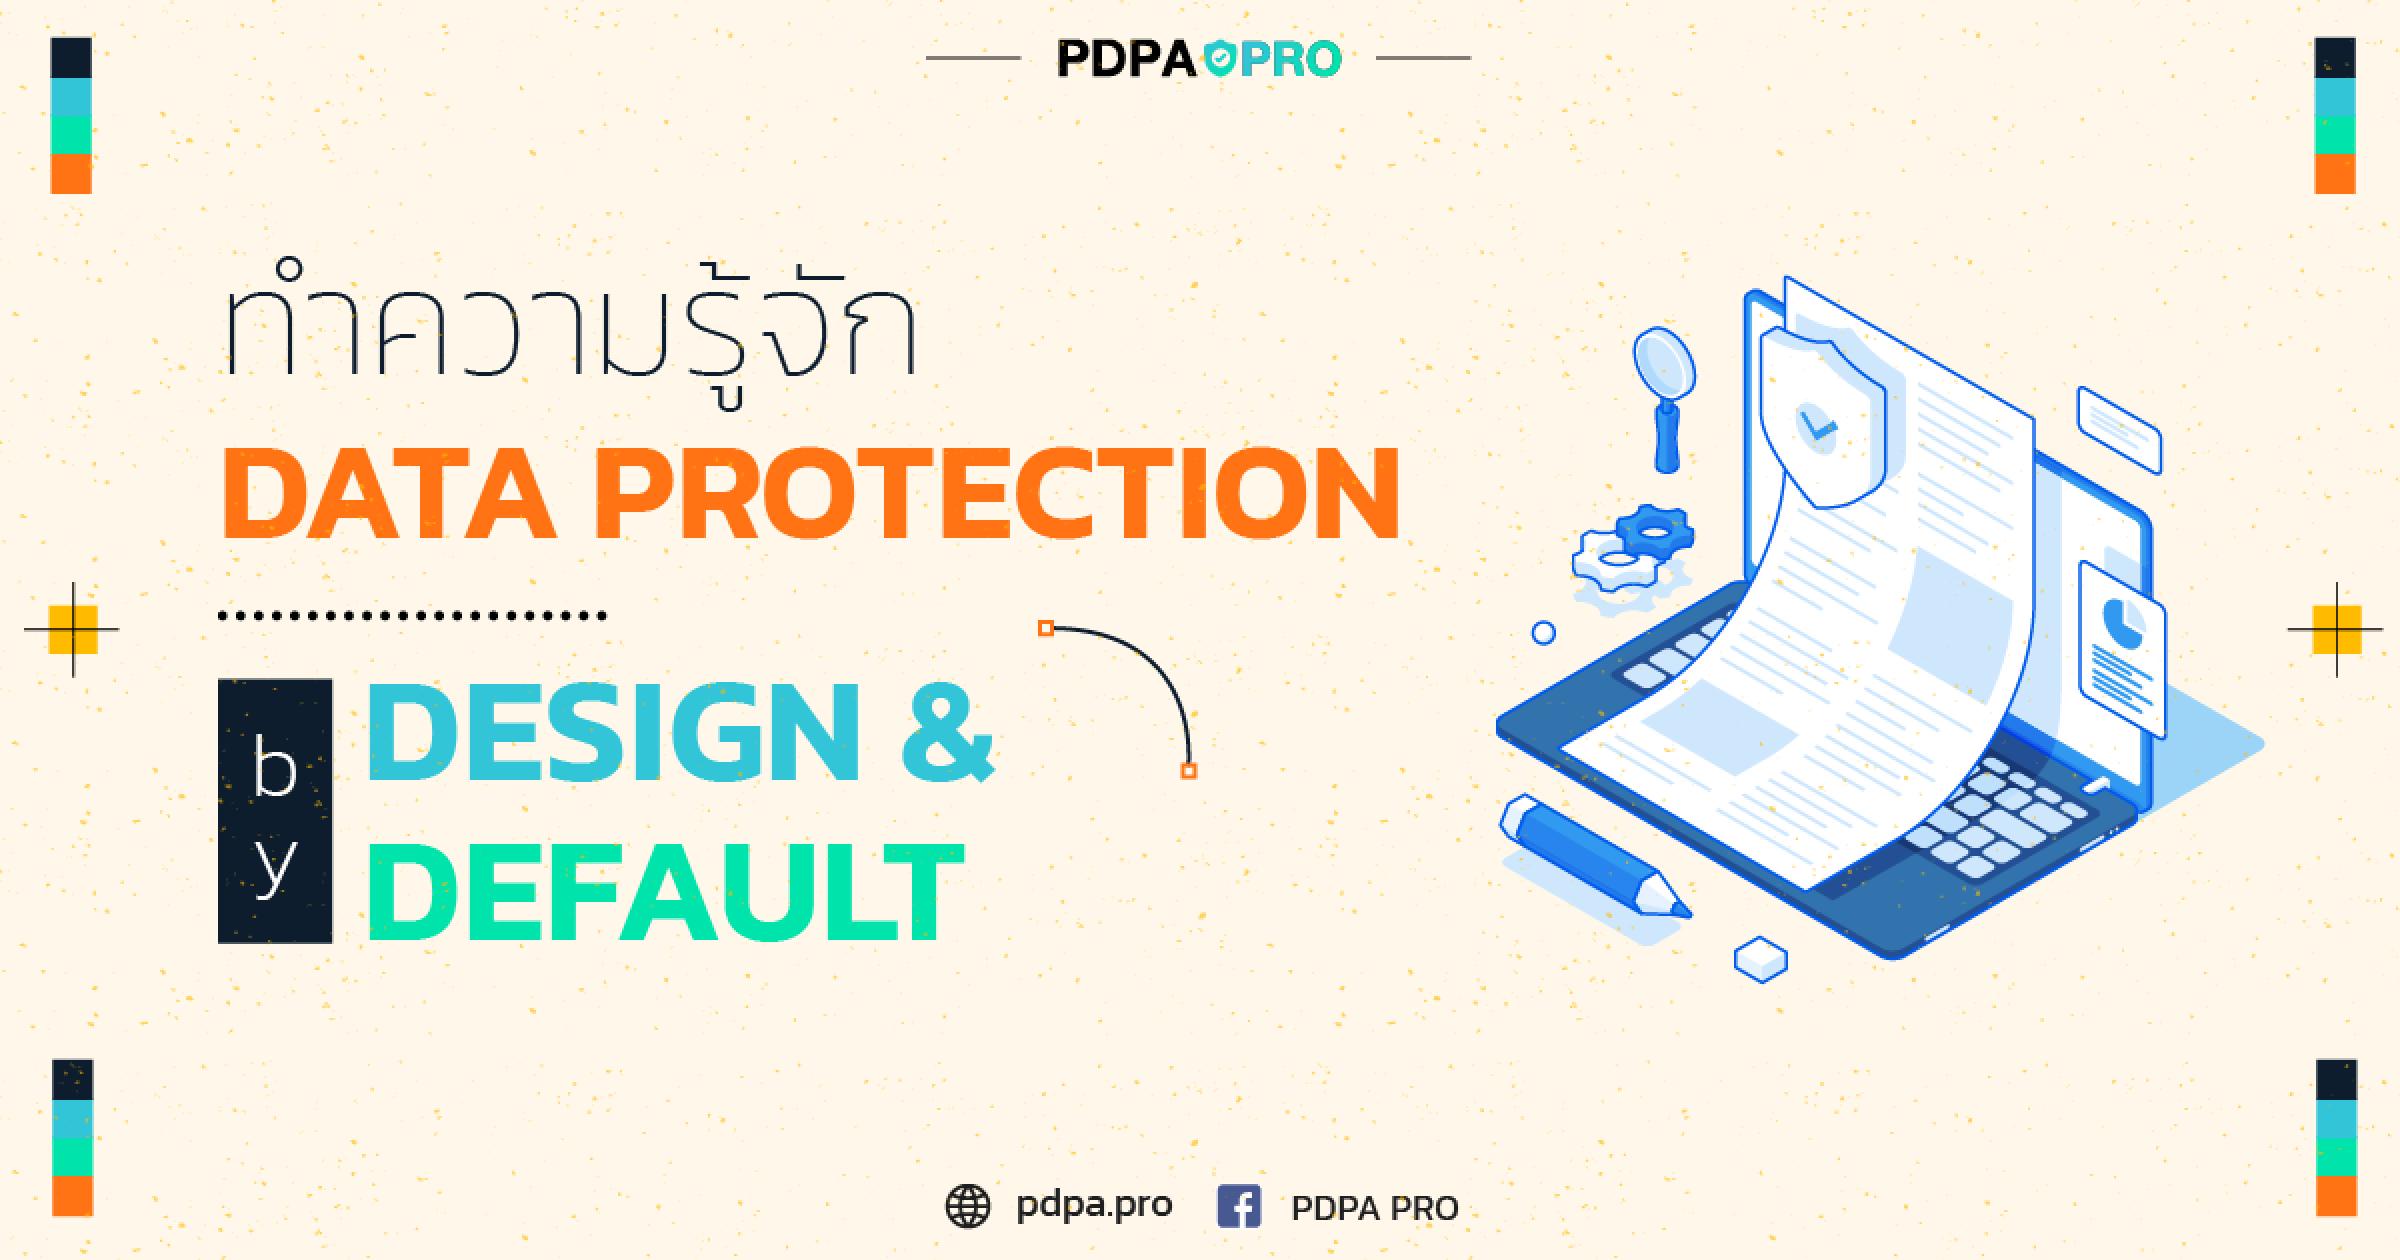 มาทำความรู้จัก Data Protection by Design & By Default กันดีกว่า